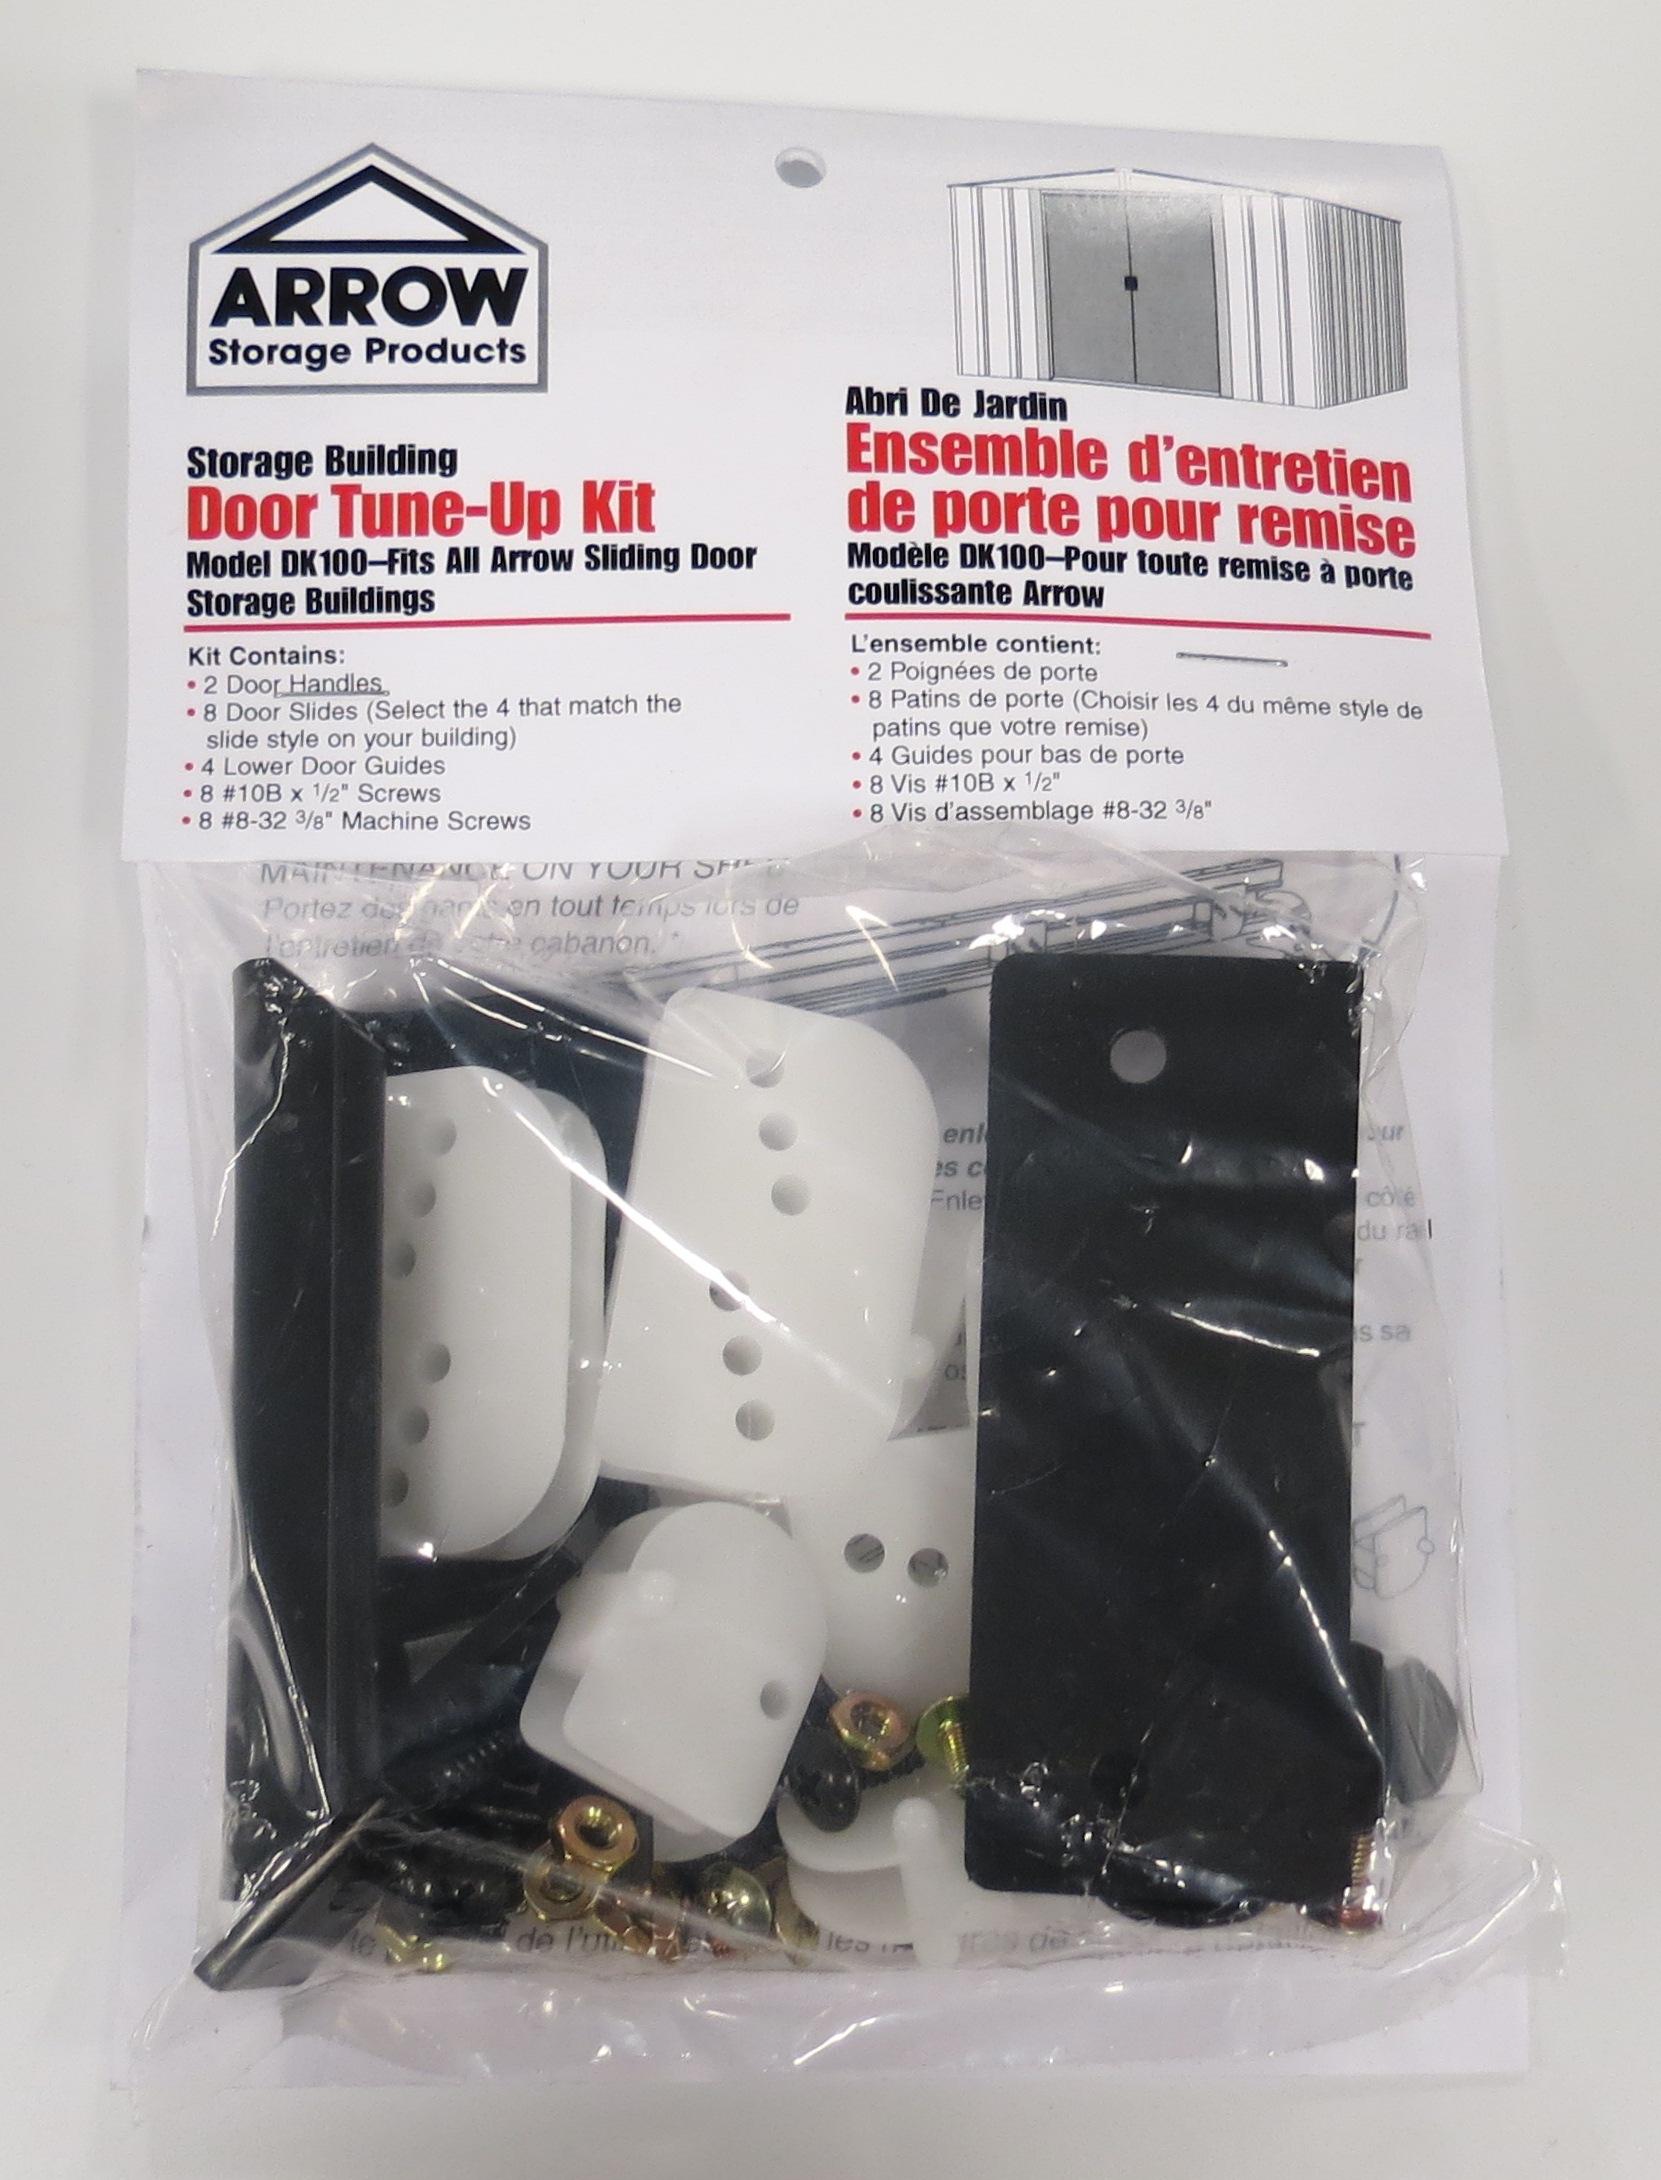 Garden Shed Sliding Door Glidesarrow sheds accessories door tune up kit